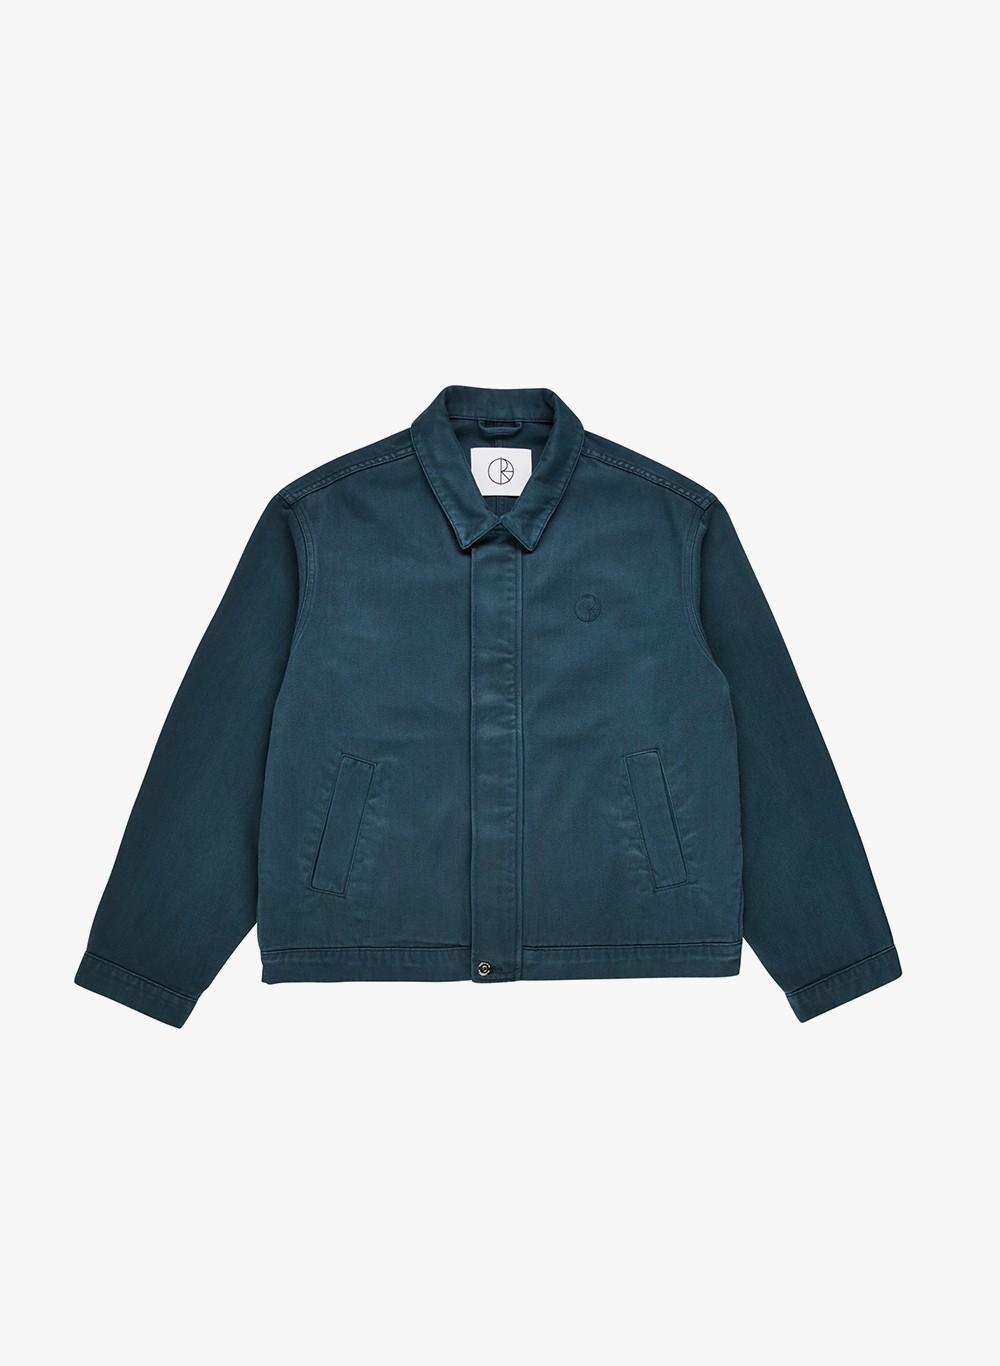 Polar - Herrington Jacket -...